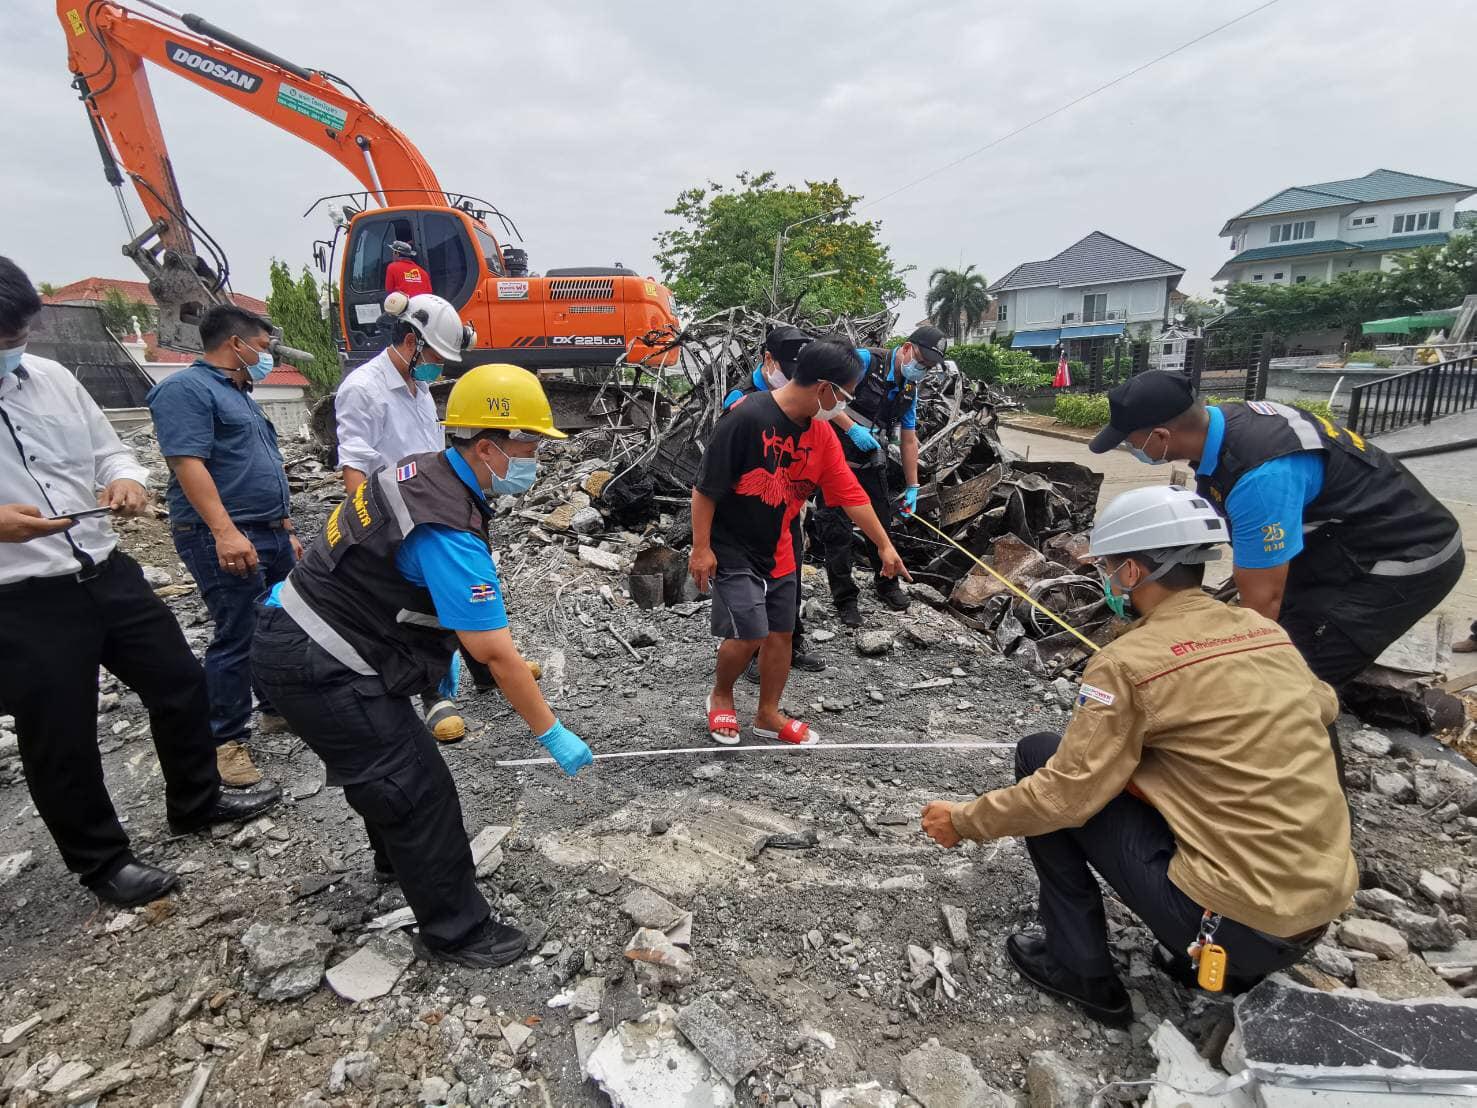 วสท. เข้าสำรวจเก็บข้อมูลเหตุอาคารเพลิงไหม้และถล่ม ที่หมู่บ้านกฤษดานคร 31 และประชุม เพื่อเก็บข้อมูลร่วมกับกองพิสูจน์หลักฐาน และเจ้าหน้าที่กองควบคุมอาคาร สำนักการโยธา กทม.